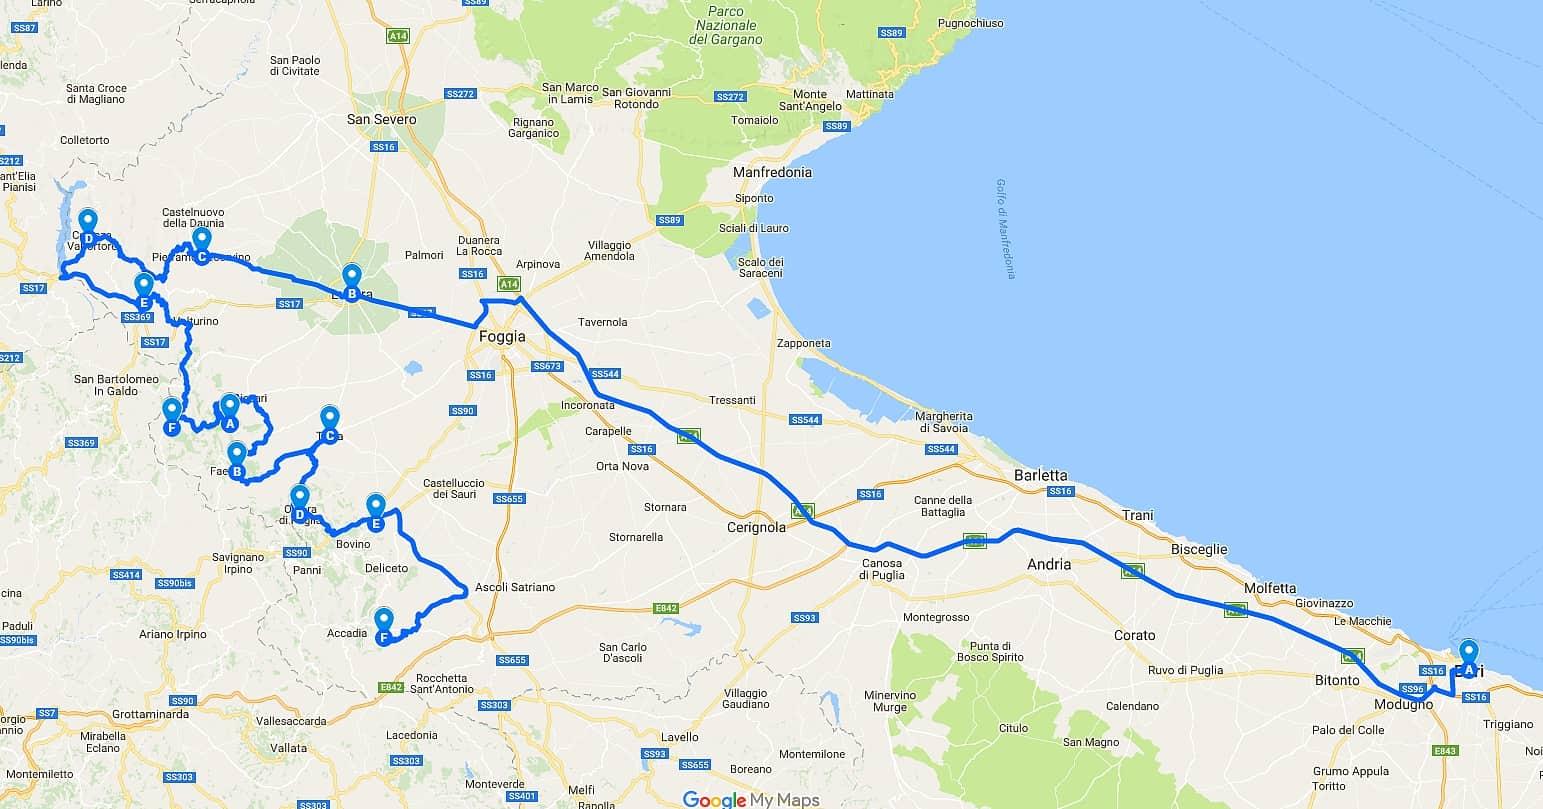 Cliccate sulla mappa per accedere alla mappa con il percorso.